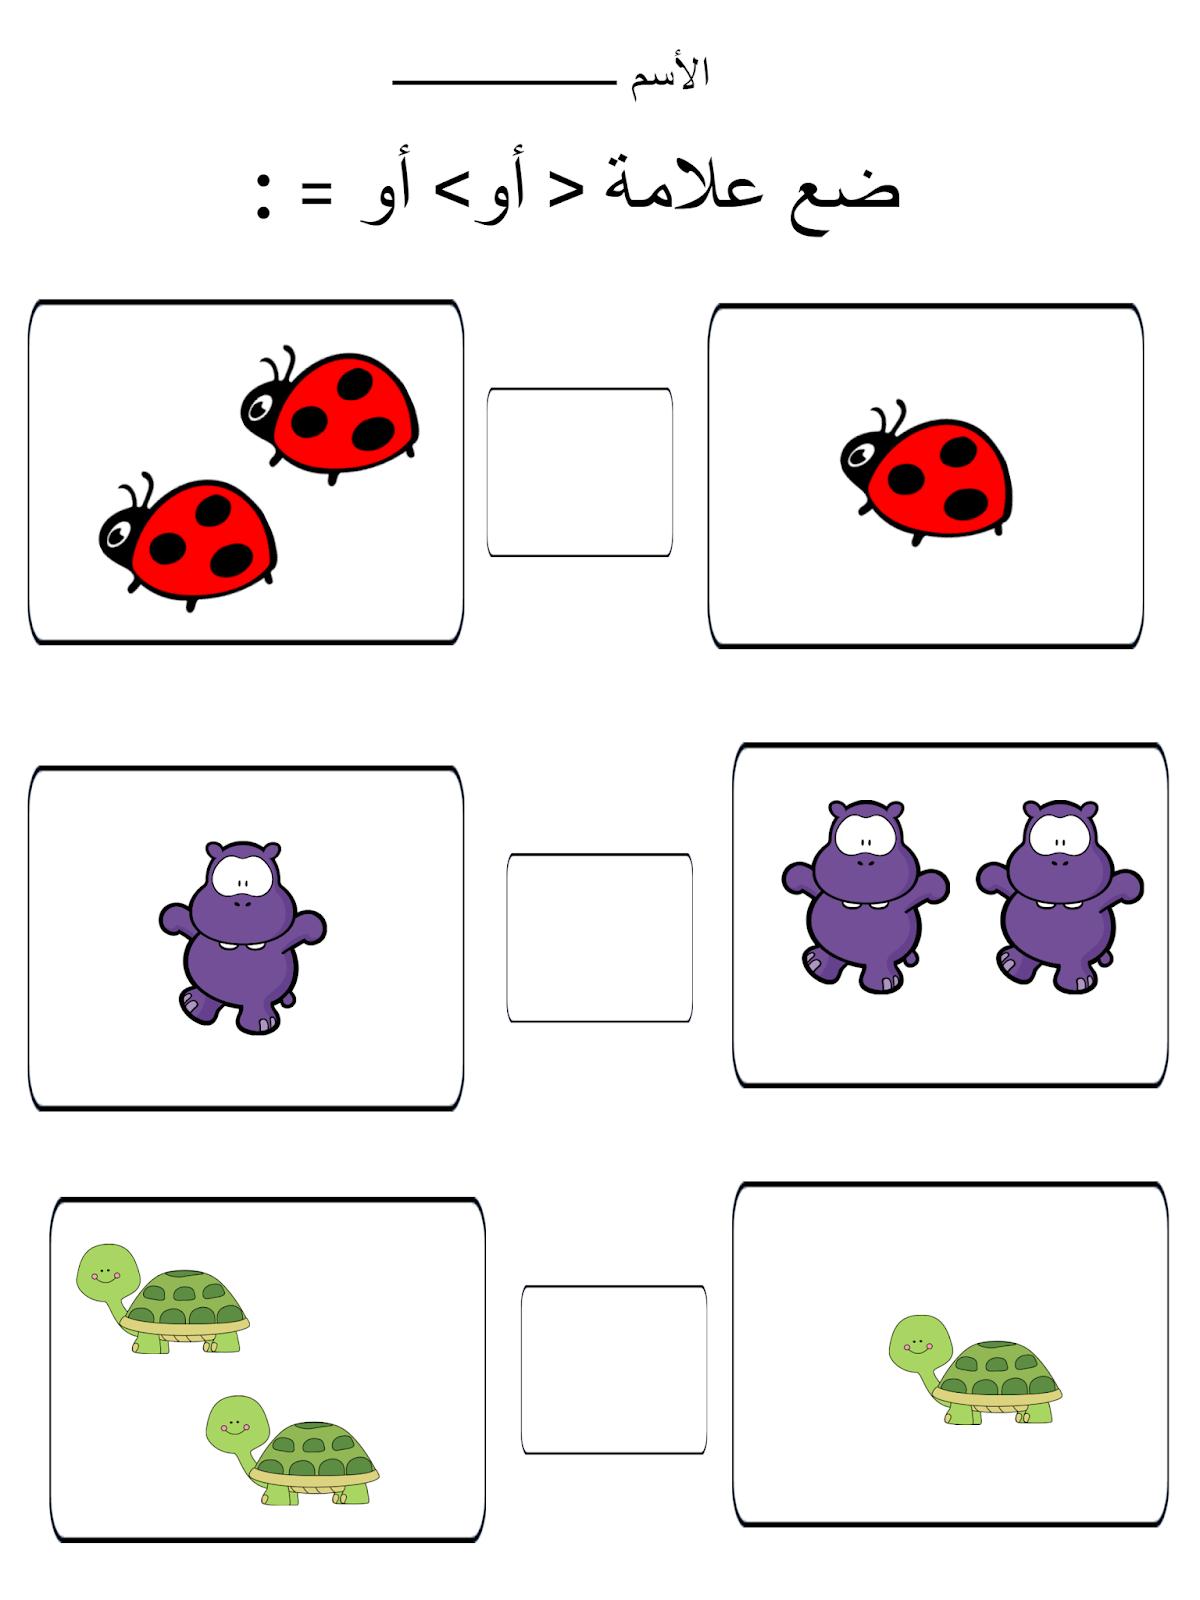 اوراق عمل رياضيات رياض اطفال تمارين على الجمع والطرح بالعربي نتعلم Alphabet Kindergarten Kindergarten Alphabet